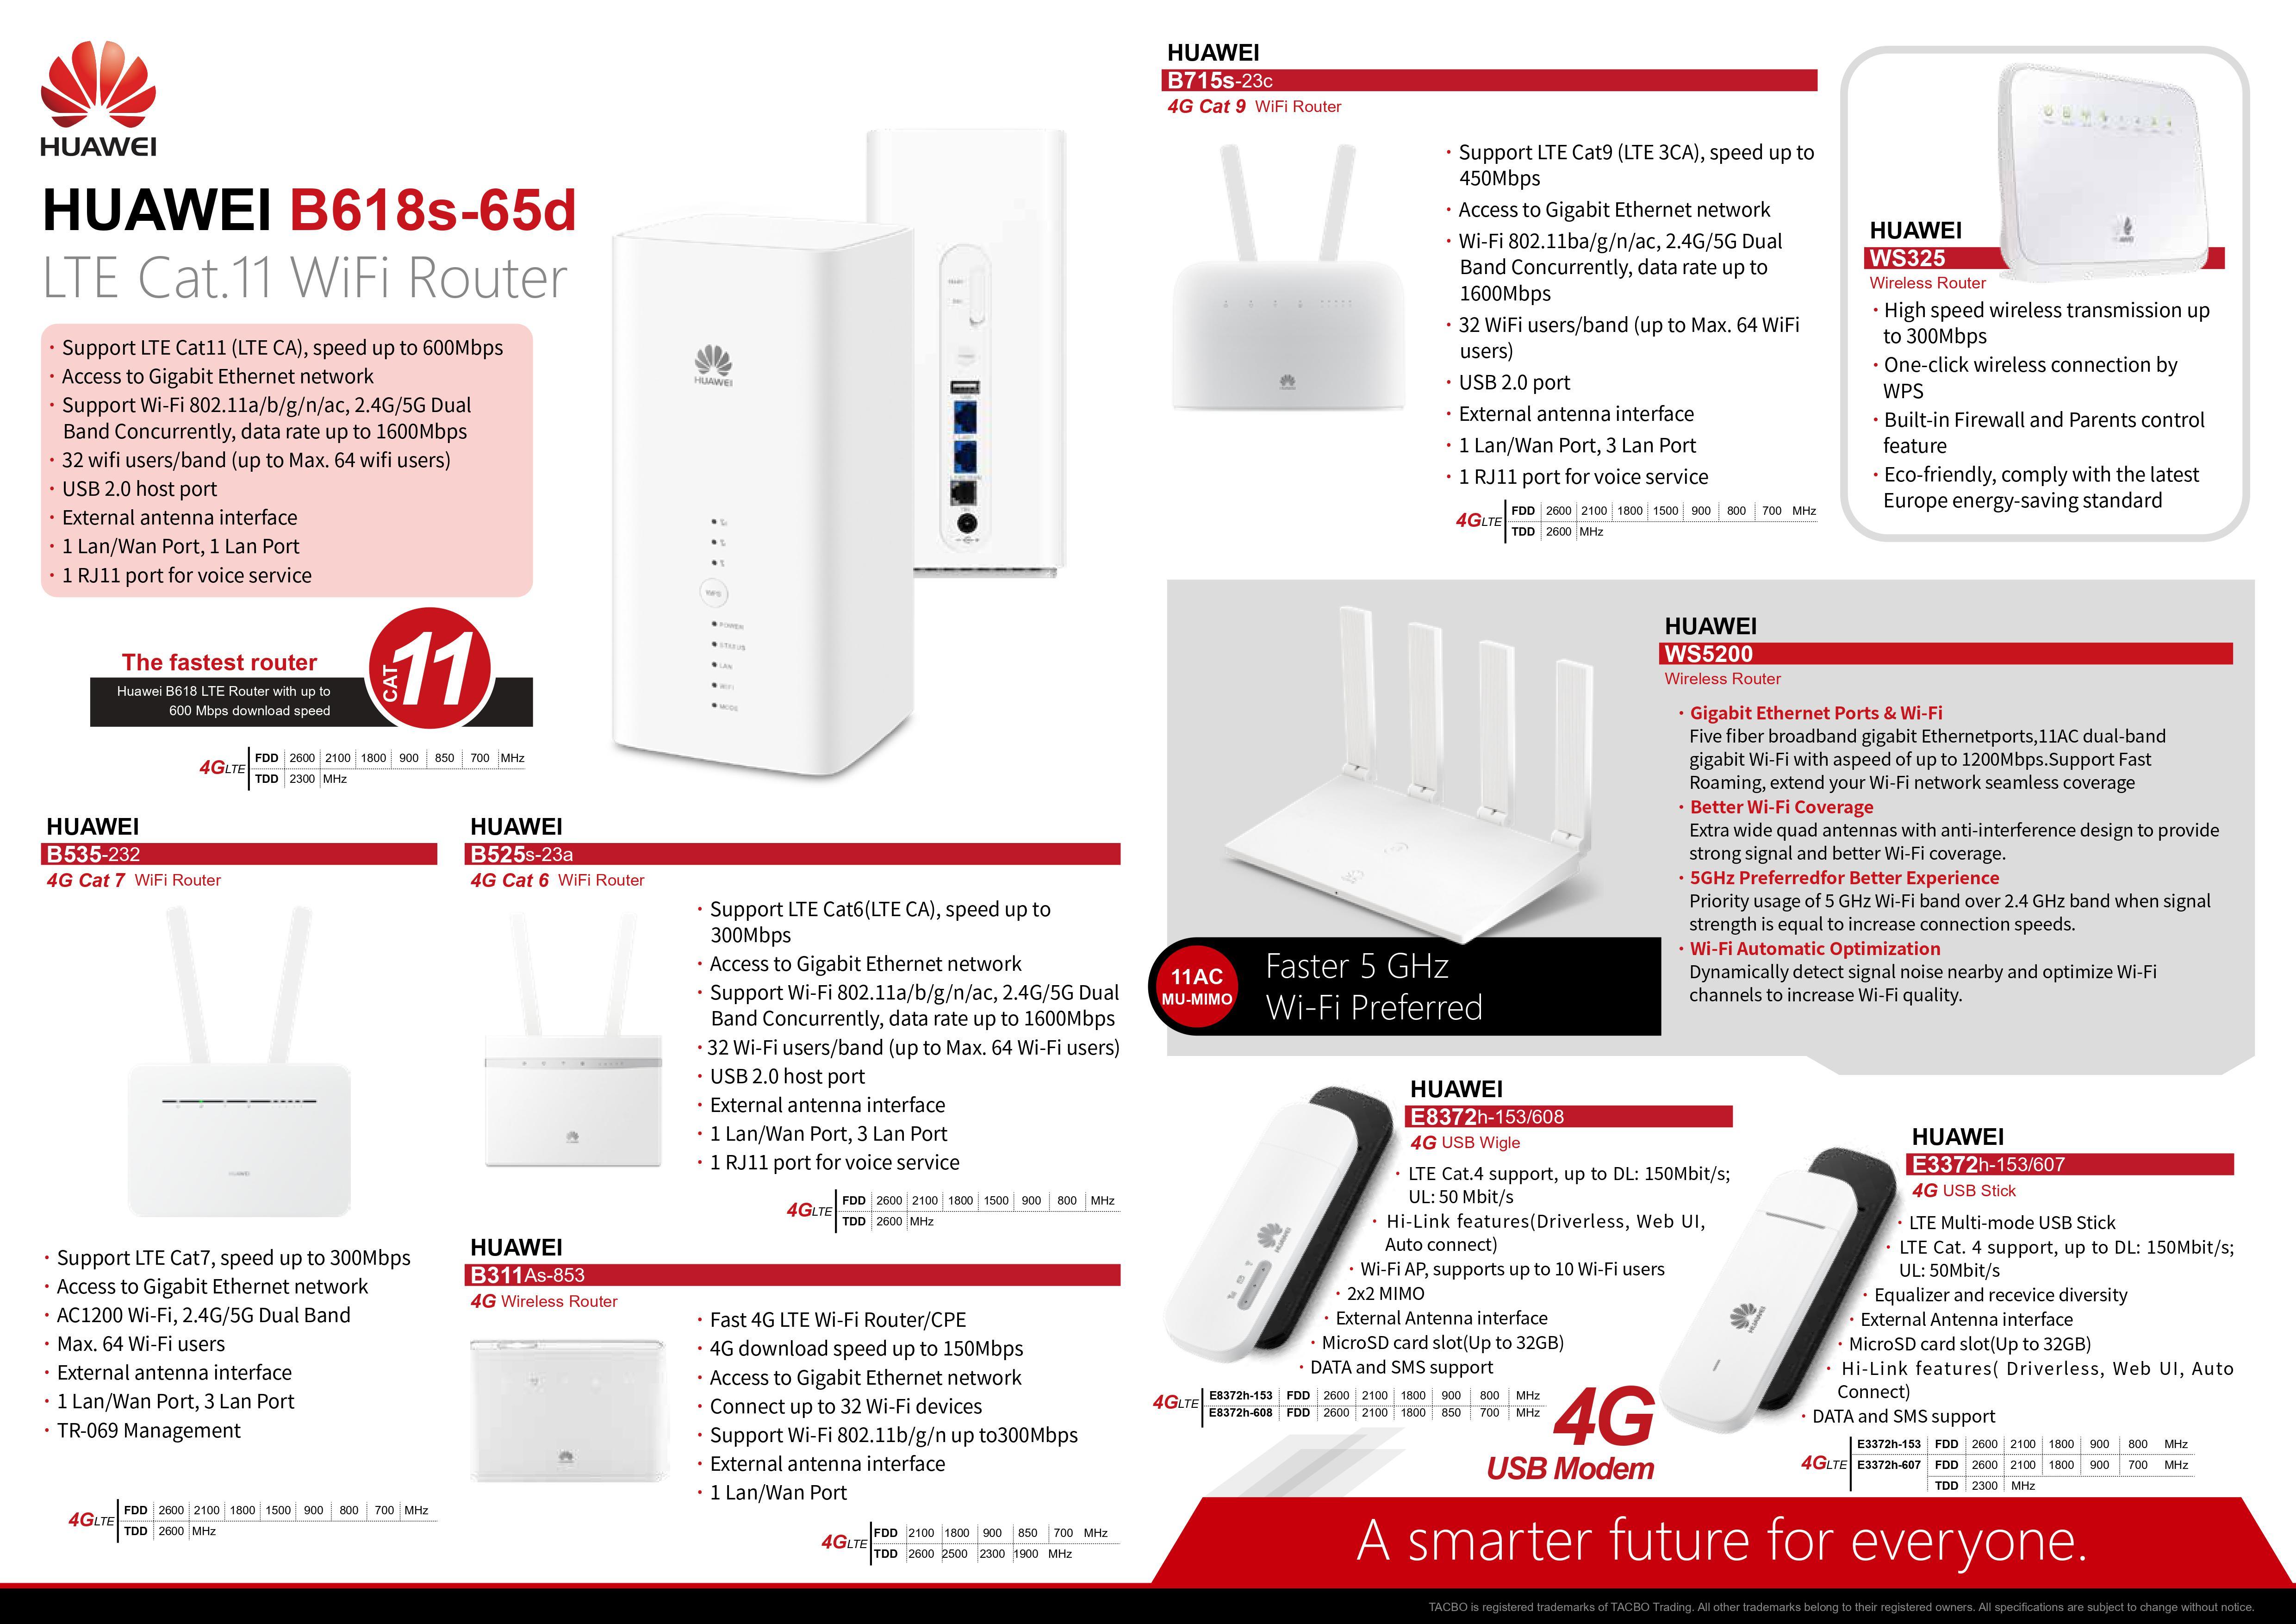 Huawei 社特約店 LTE Cat11 CA CPE B618 B618s-65d ワイヤレス Wi-Fi ルータ 4 グラム Sim カードスロット速度 1300 Mbps の 64 Wifi ユーザー